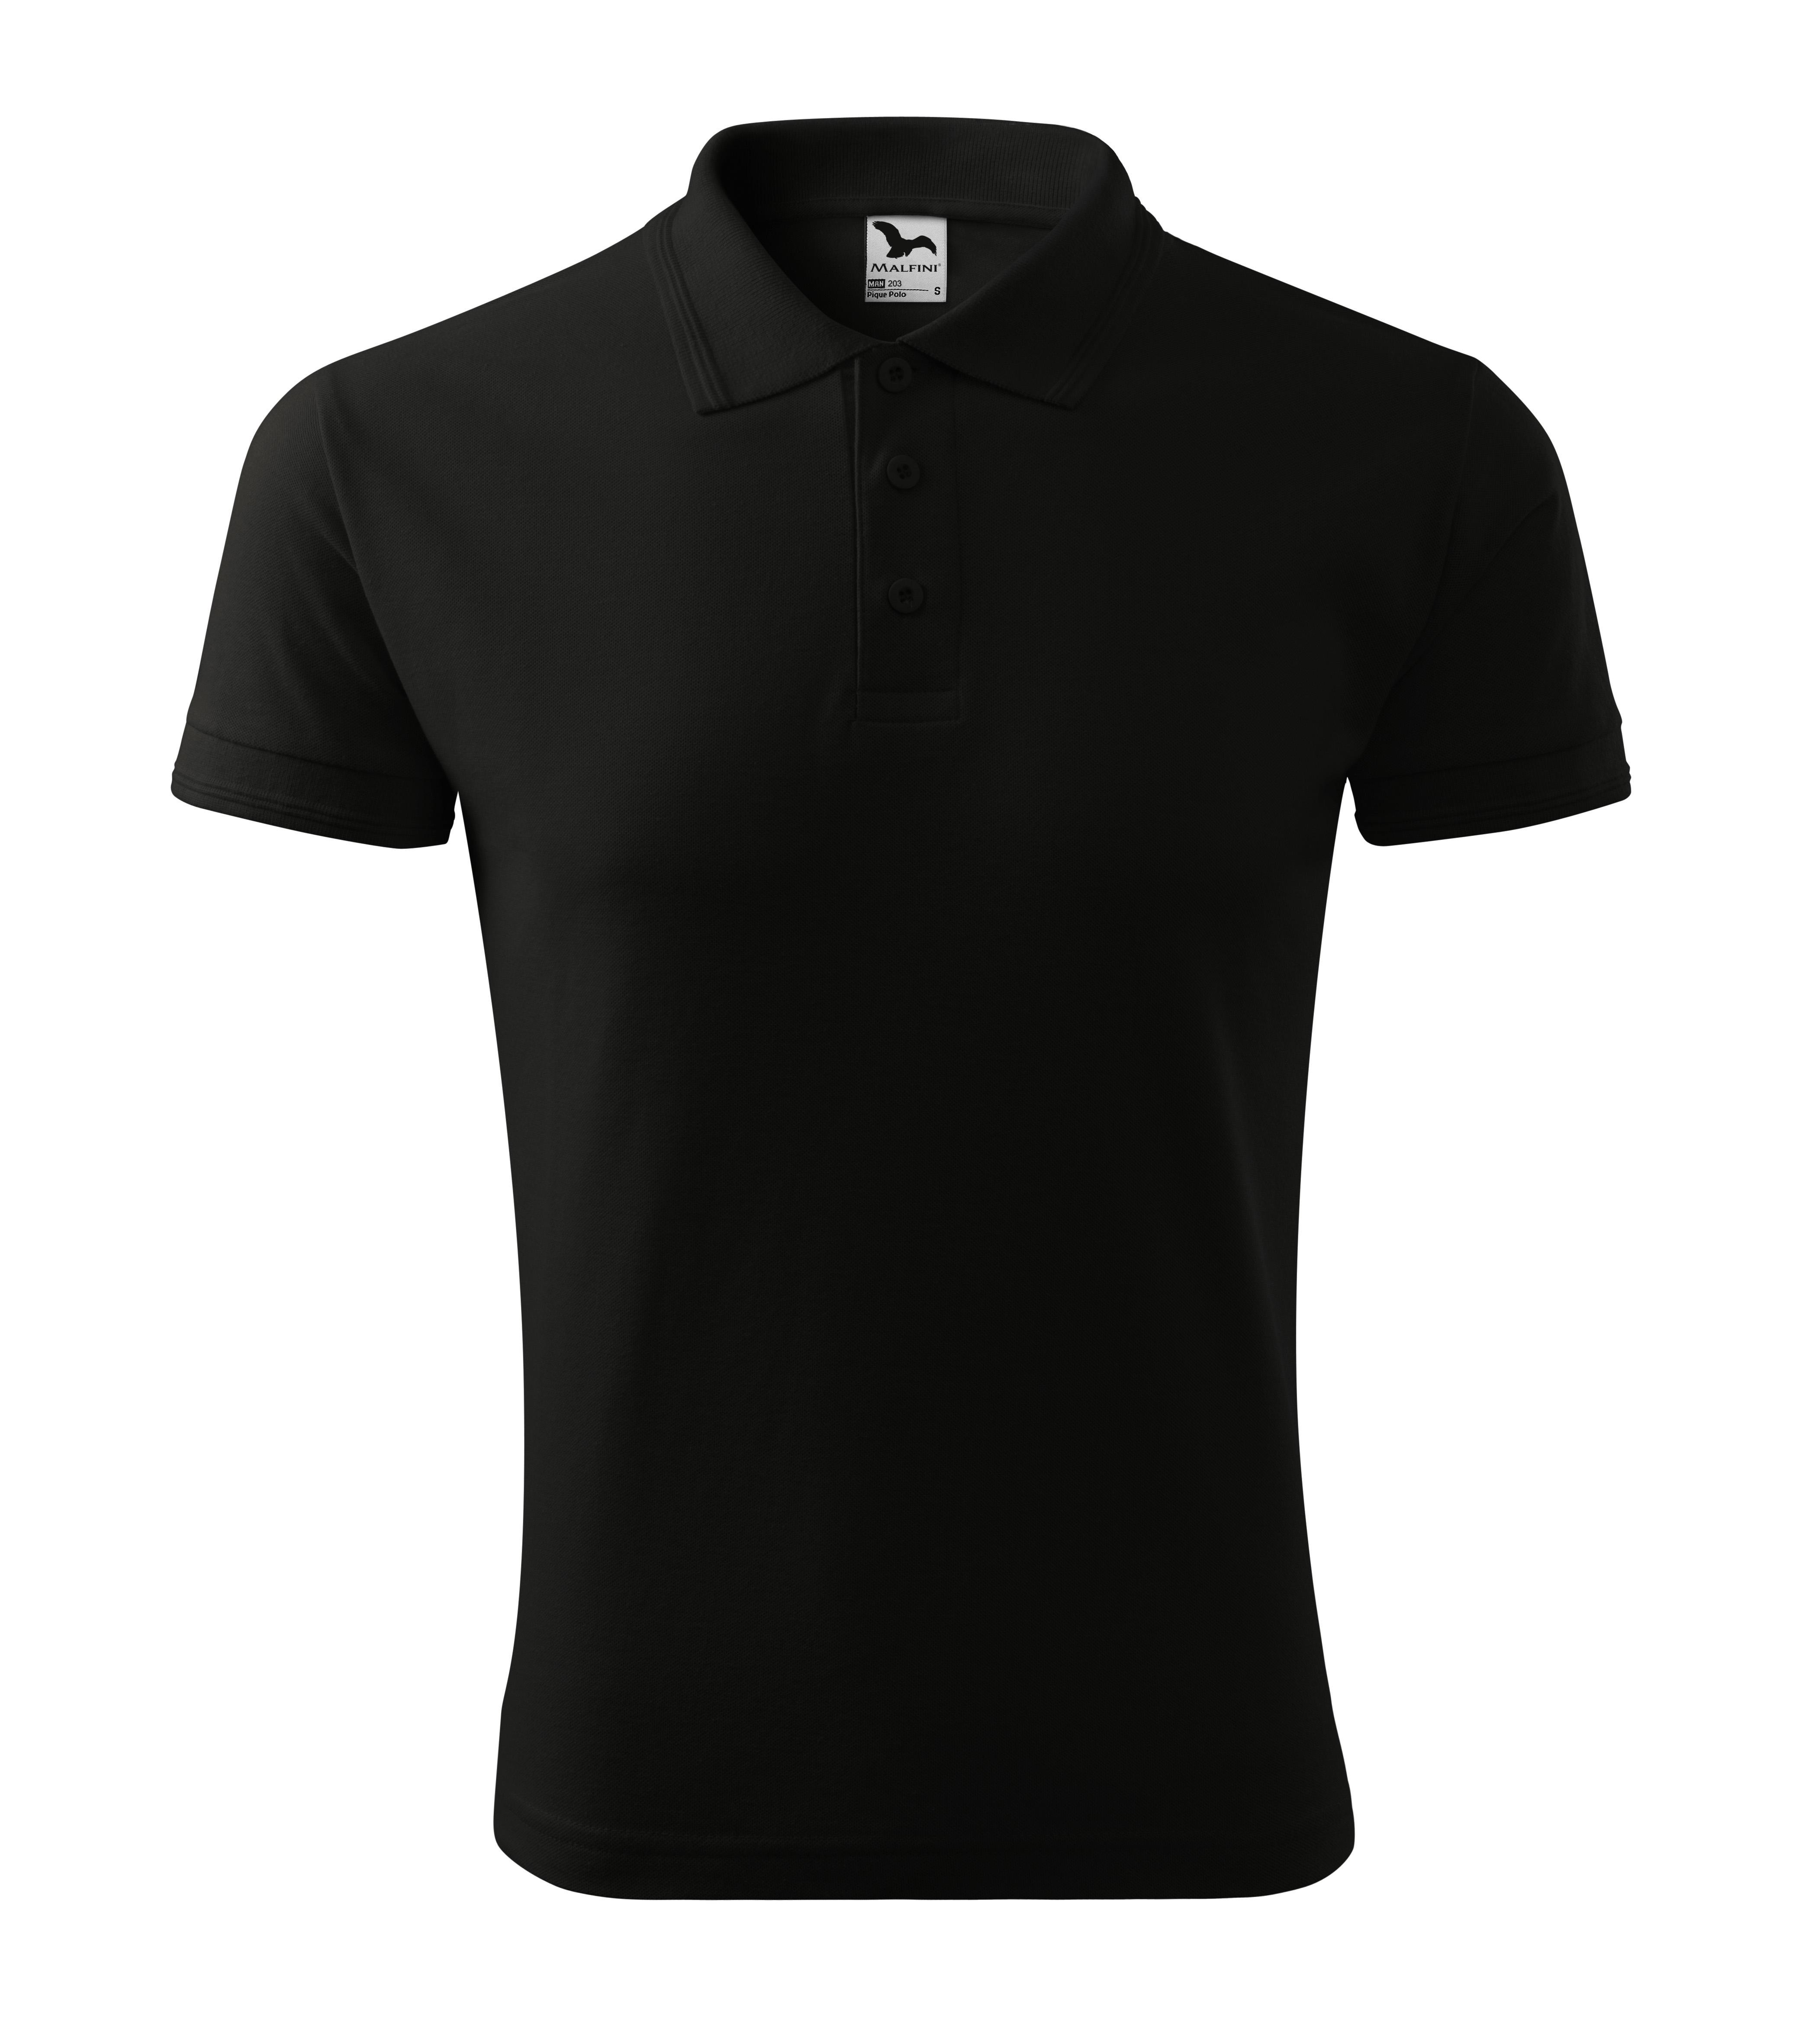 Polokošile pánská Pique Polo Barva: černá, Velikost: L